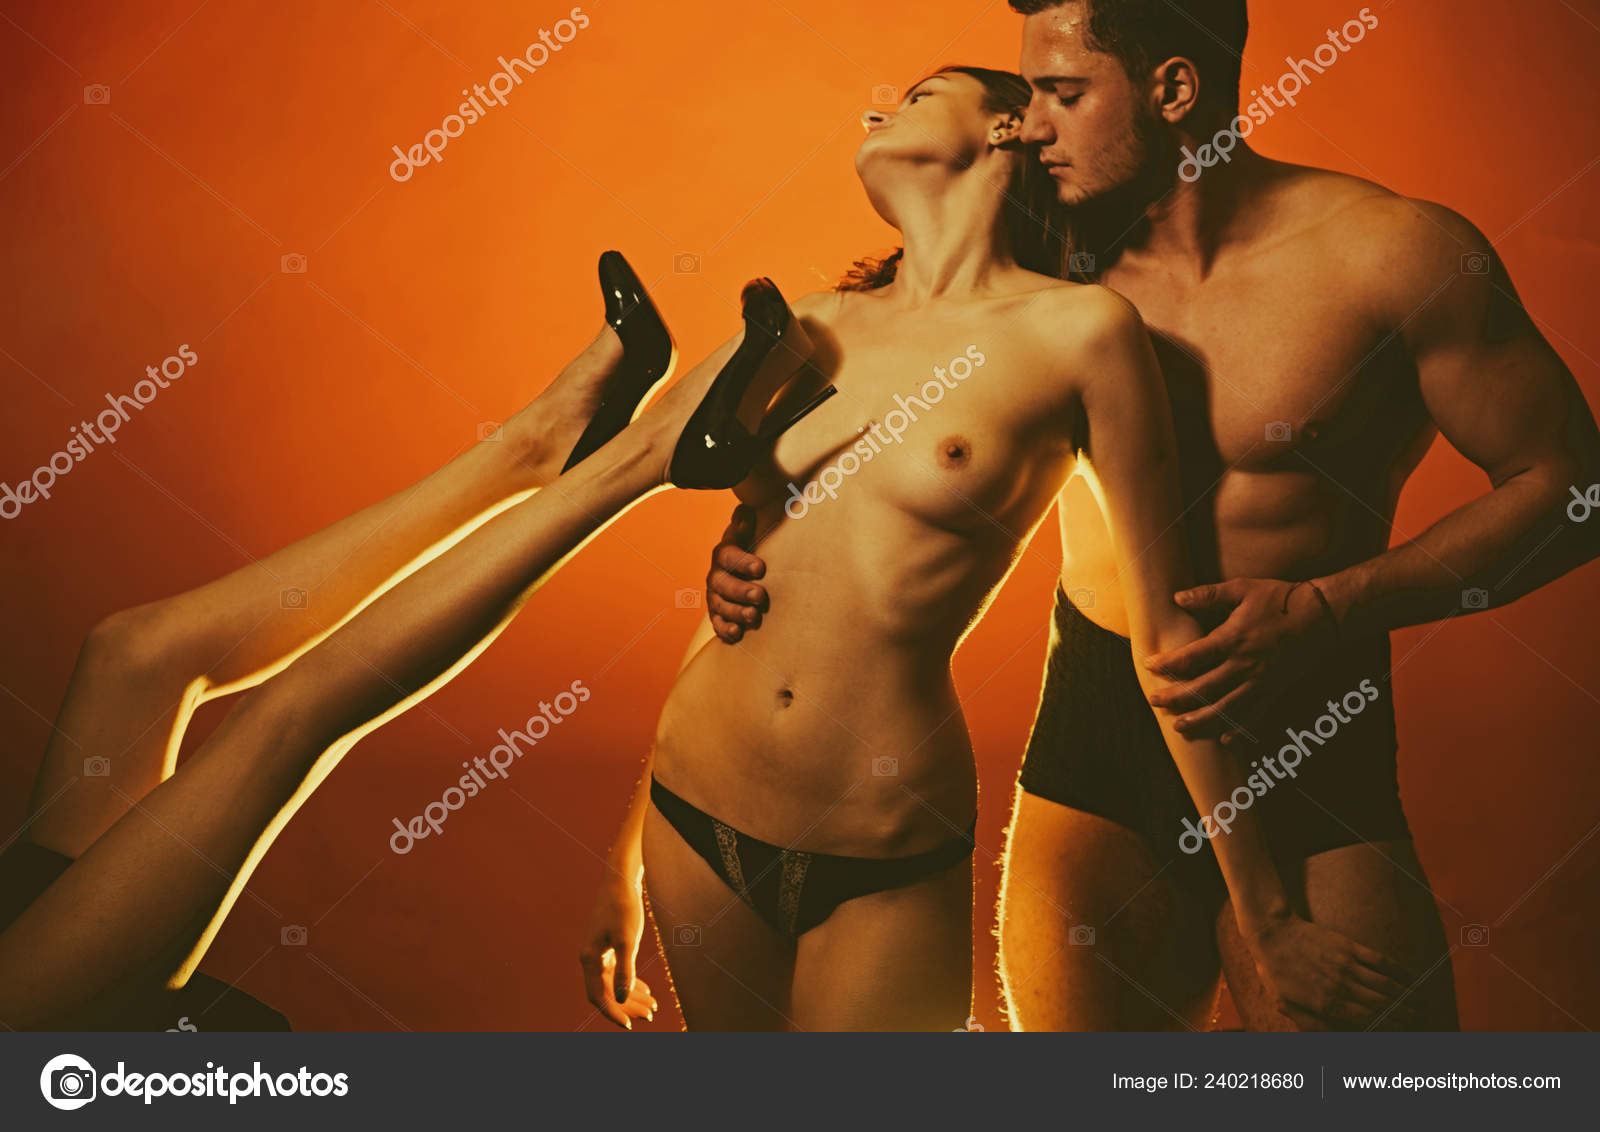 больше было О_о порно ролики раб и госпожа с пирсингом конечно, прошу